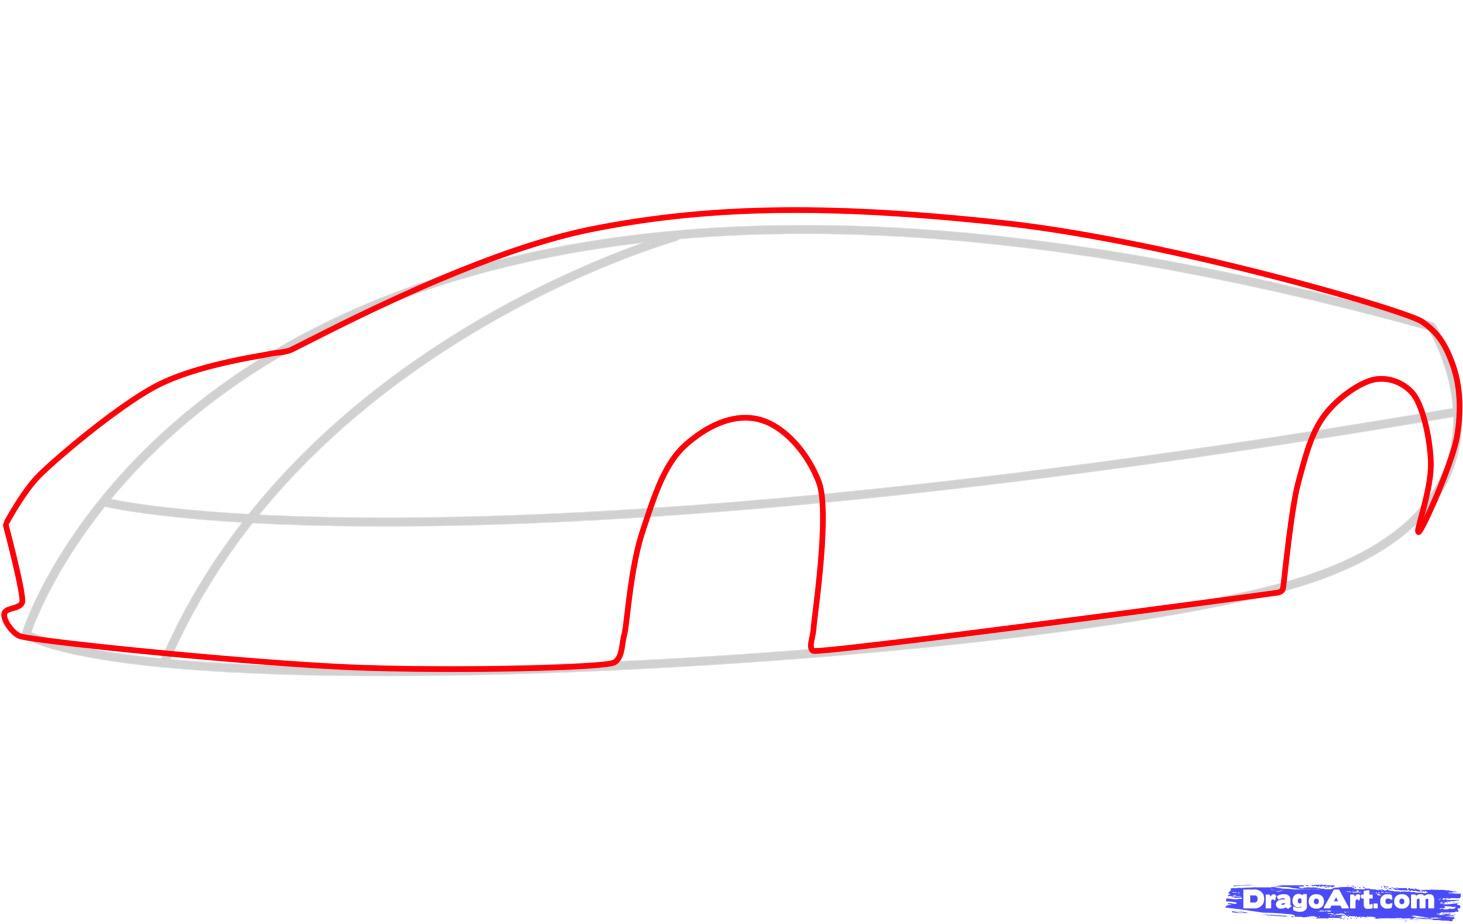 Рисуем ламборджини (Lamborghini Murcielago)